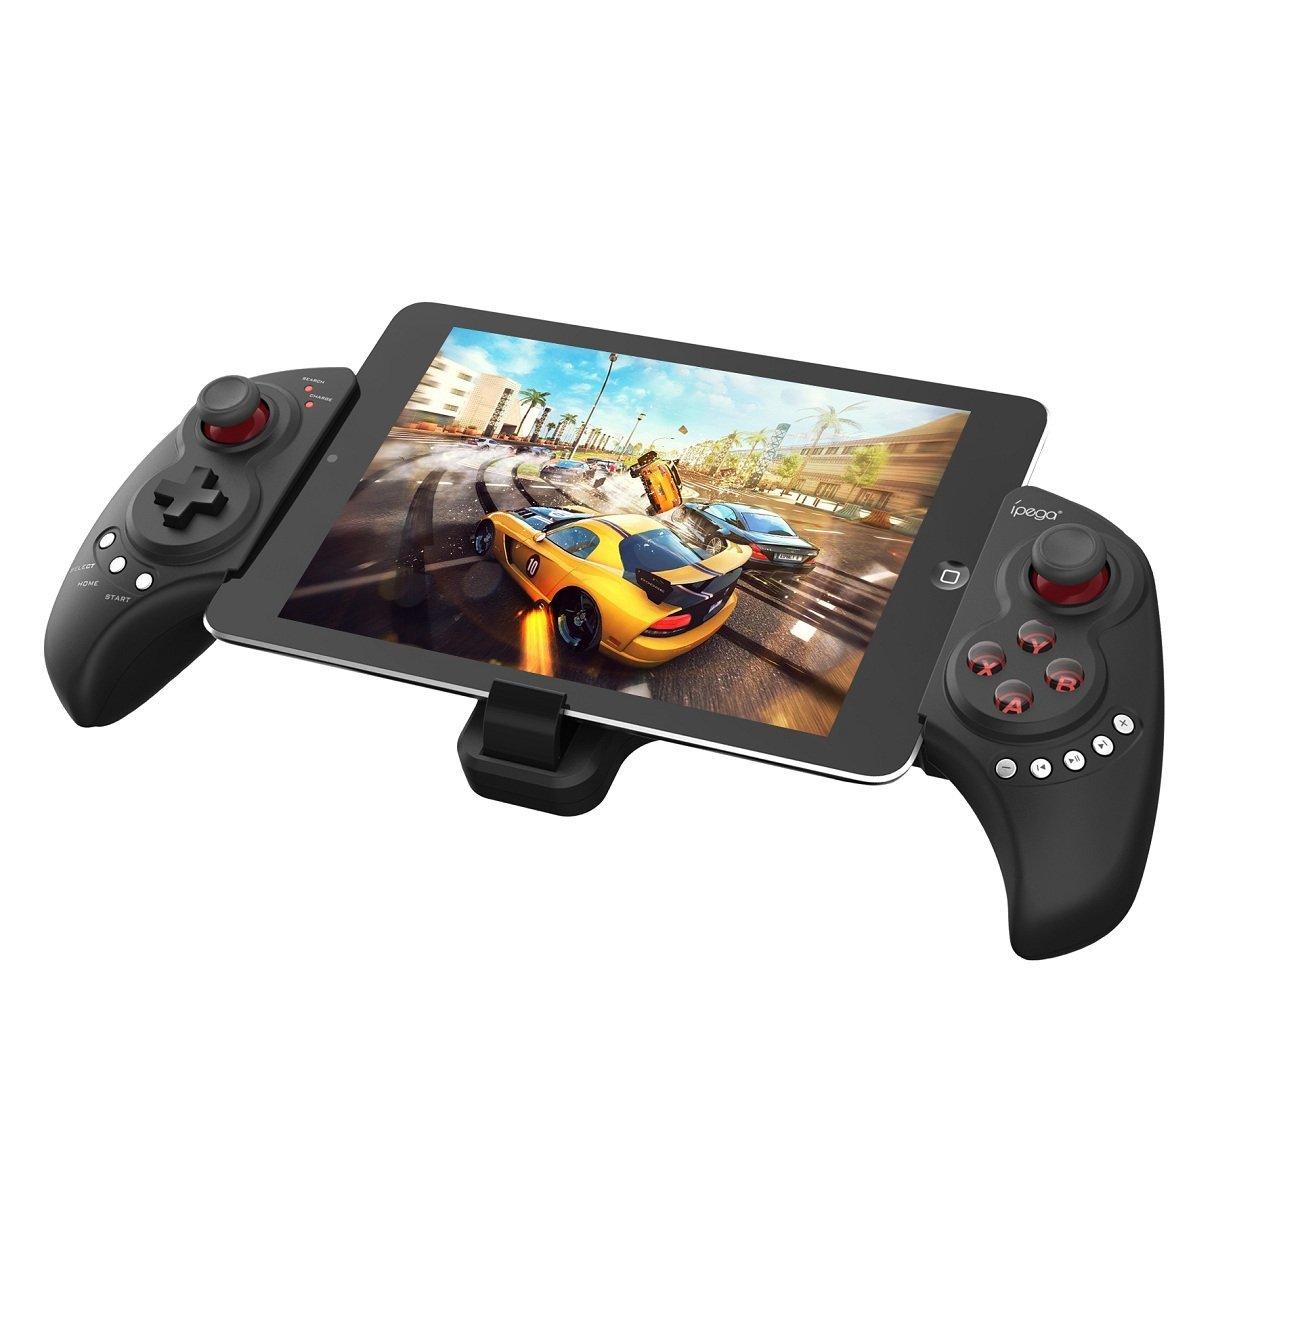 Tay cầm chơi game  Moveski game cầm cái này 9023 Bluetooth không dây sử dụng điện thoại di động iOS